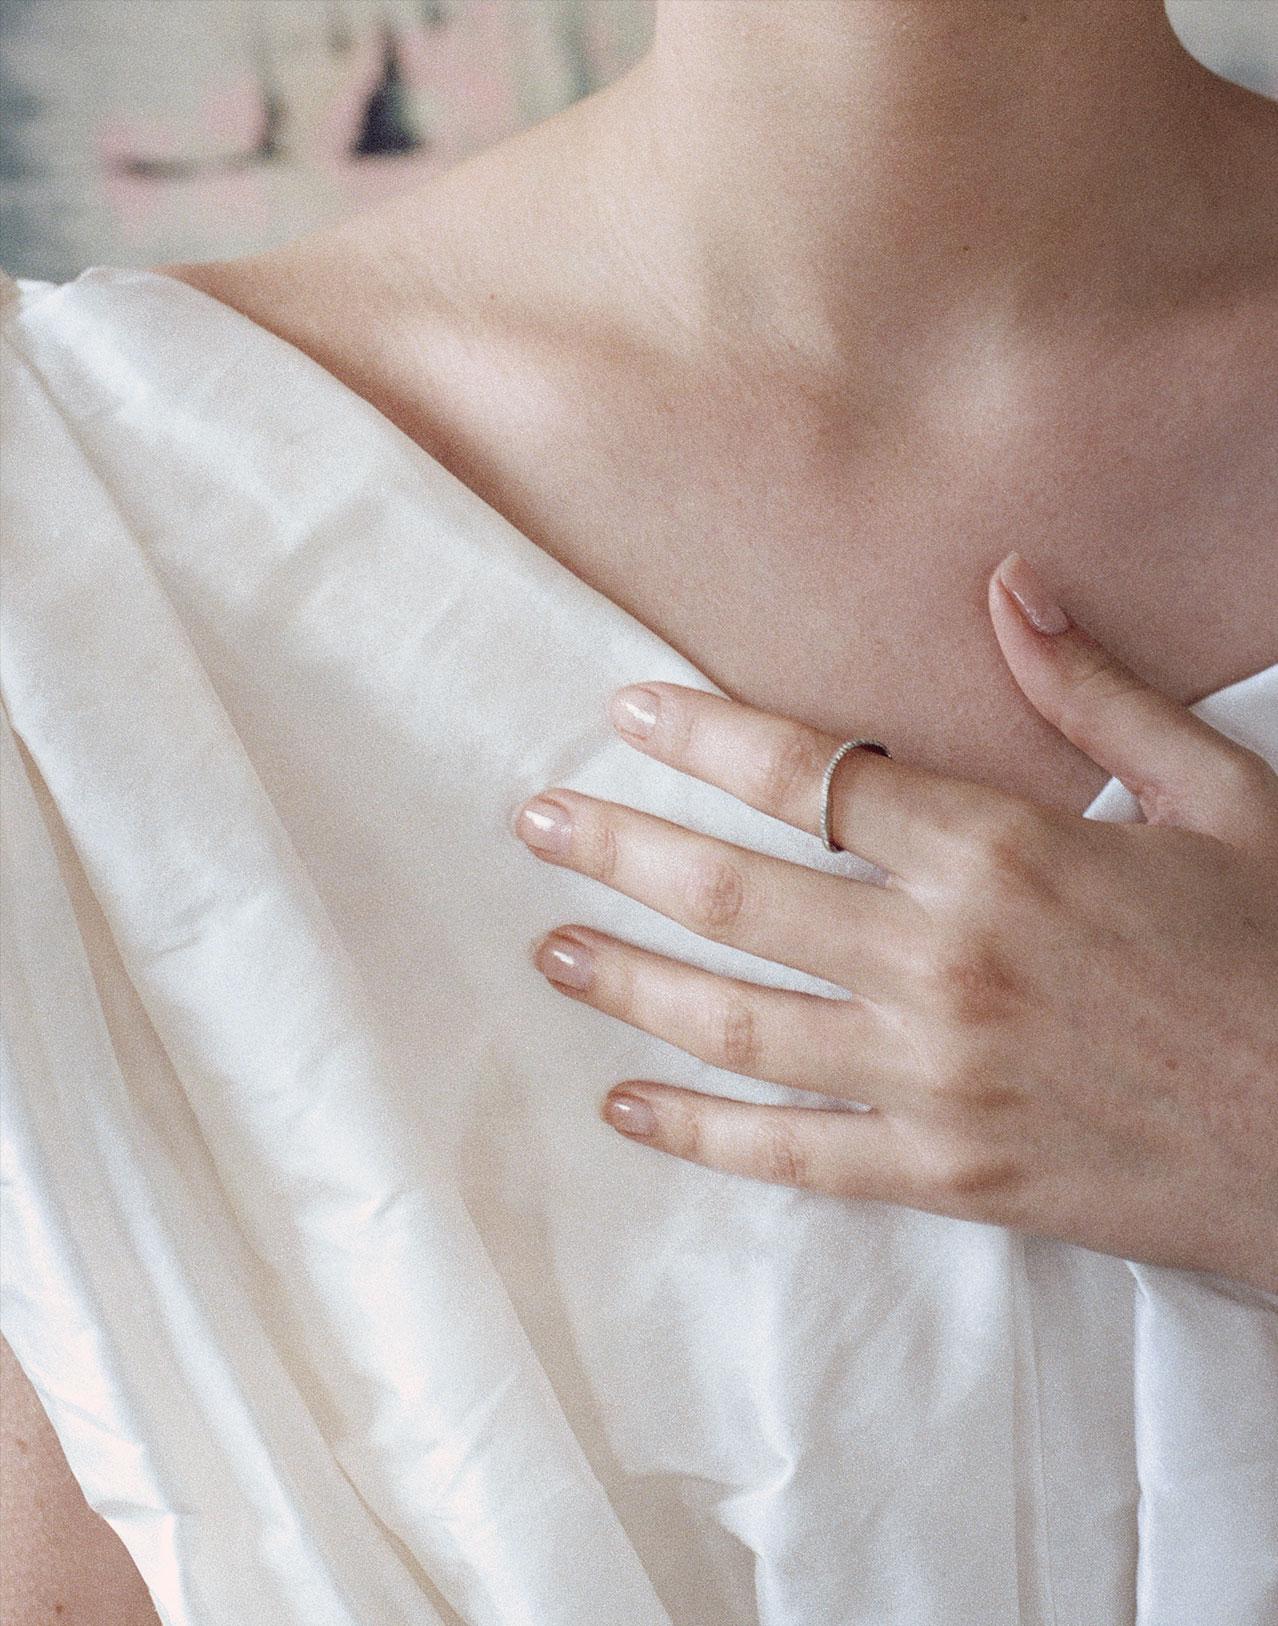 Completedworks-Wedding-Band-Wave-Gold-Ring-10-1.jpg